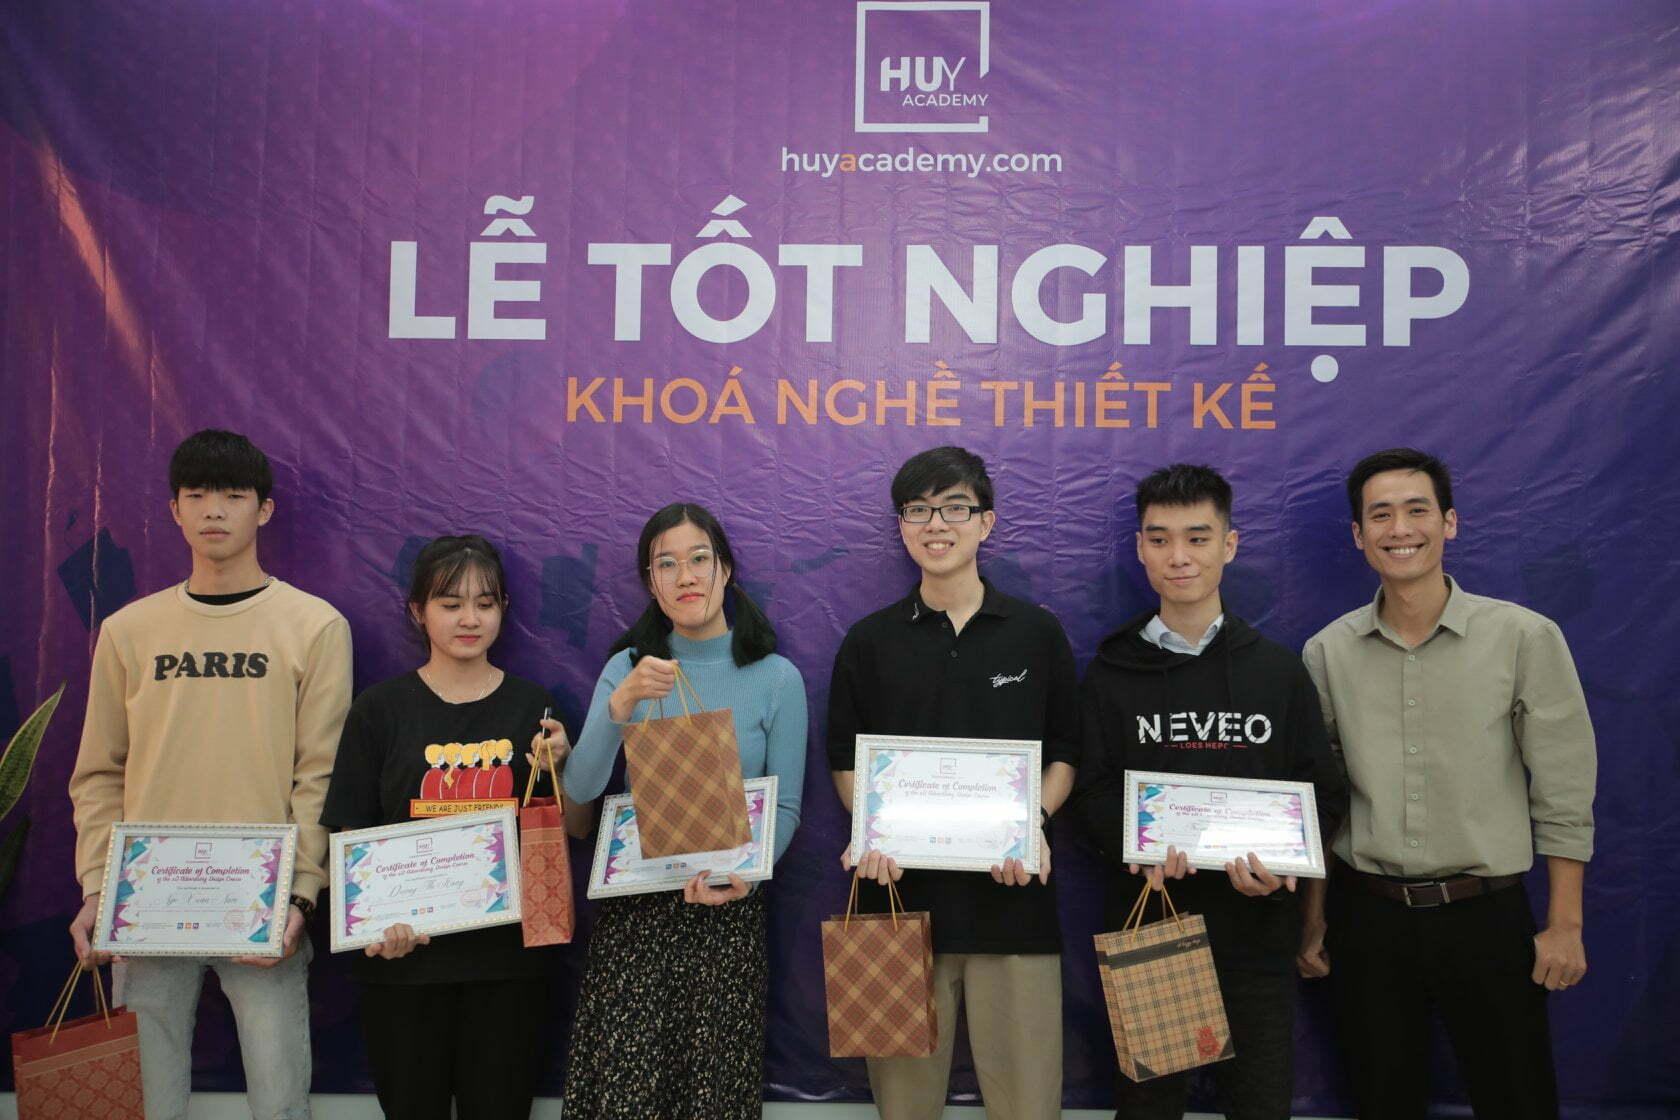 Lễ tốt nghiệp khóa nghề thiết kế đà nẵng 1-2021 (7)